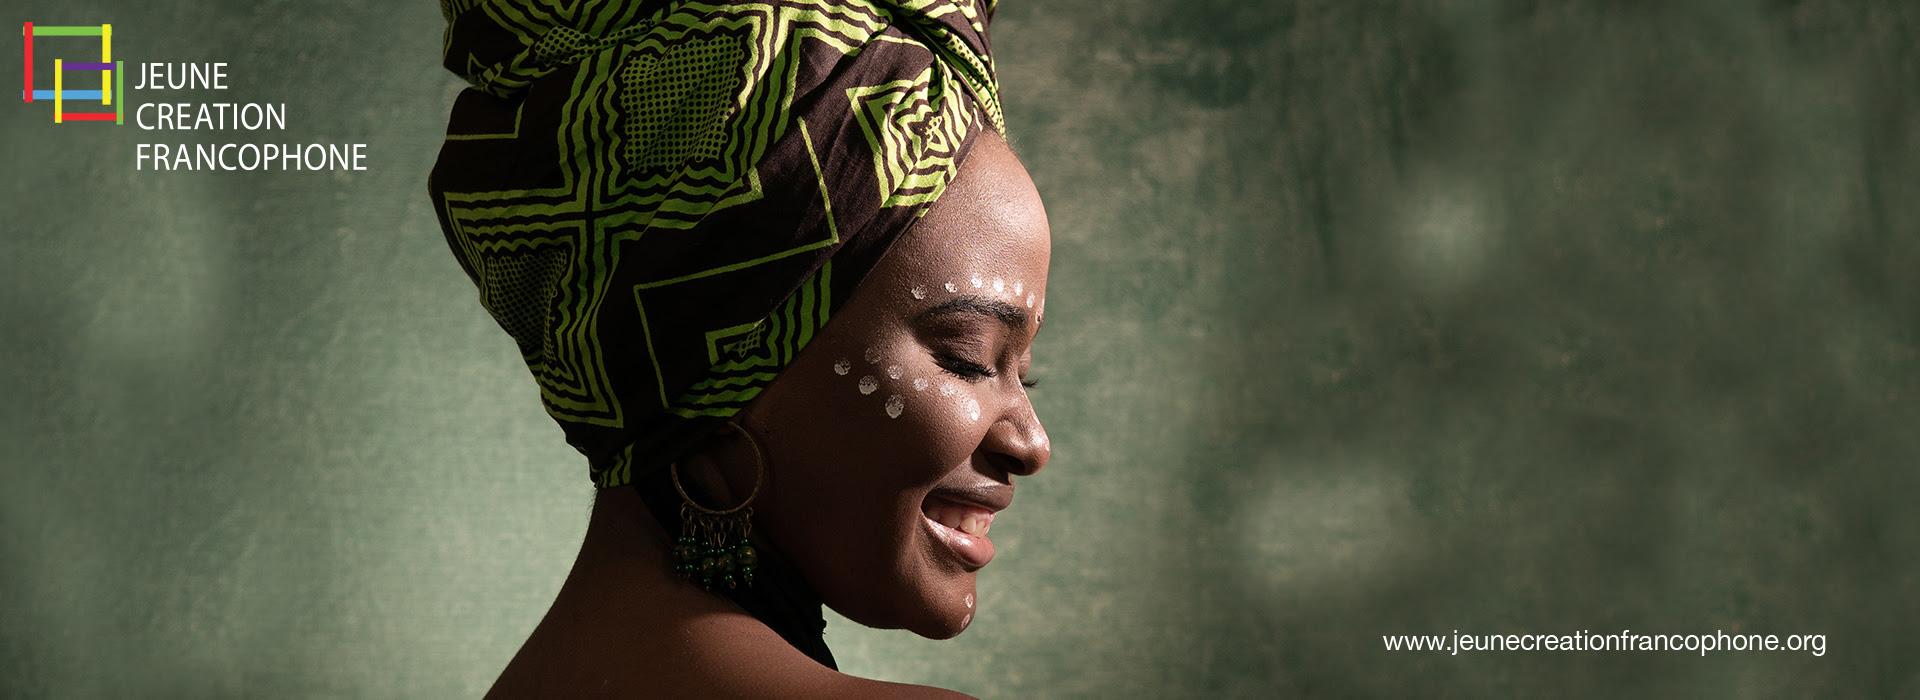 AFRIQUE :liste des projets bénéficiairesdu Fondspourla Jeune création francophone (Développement)